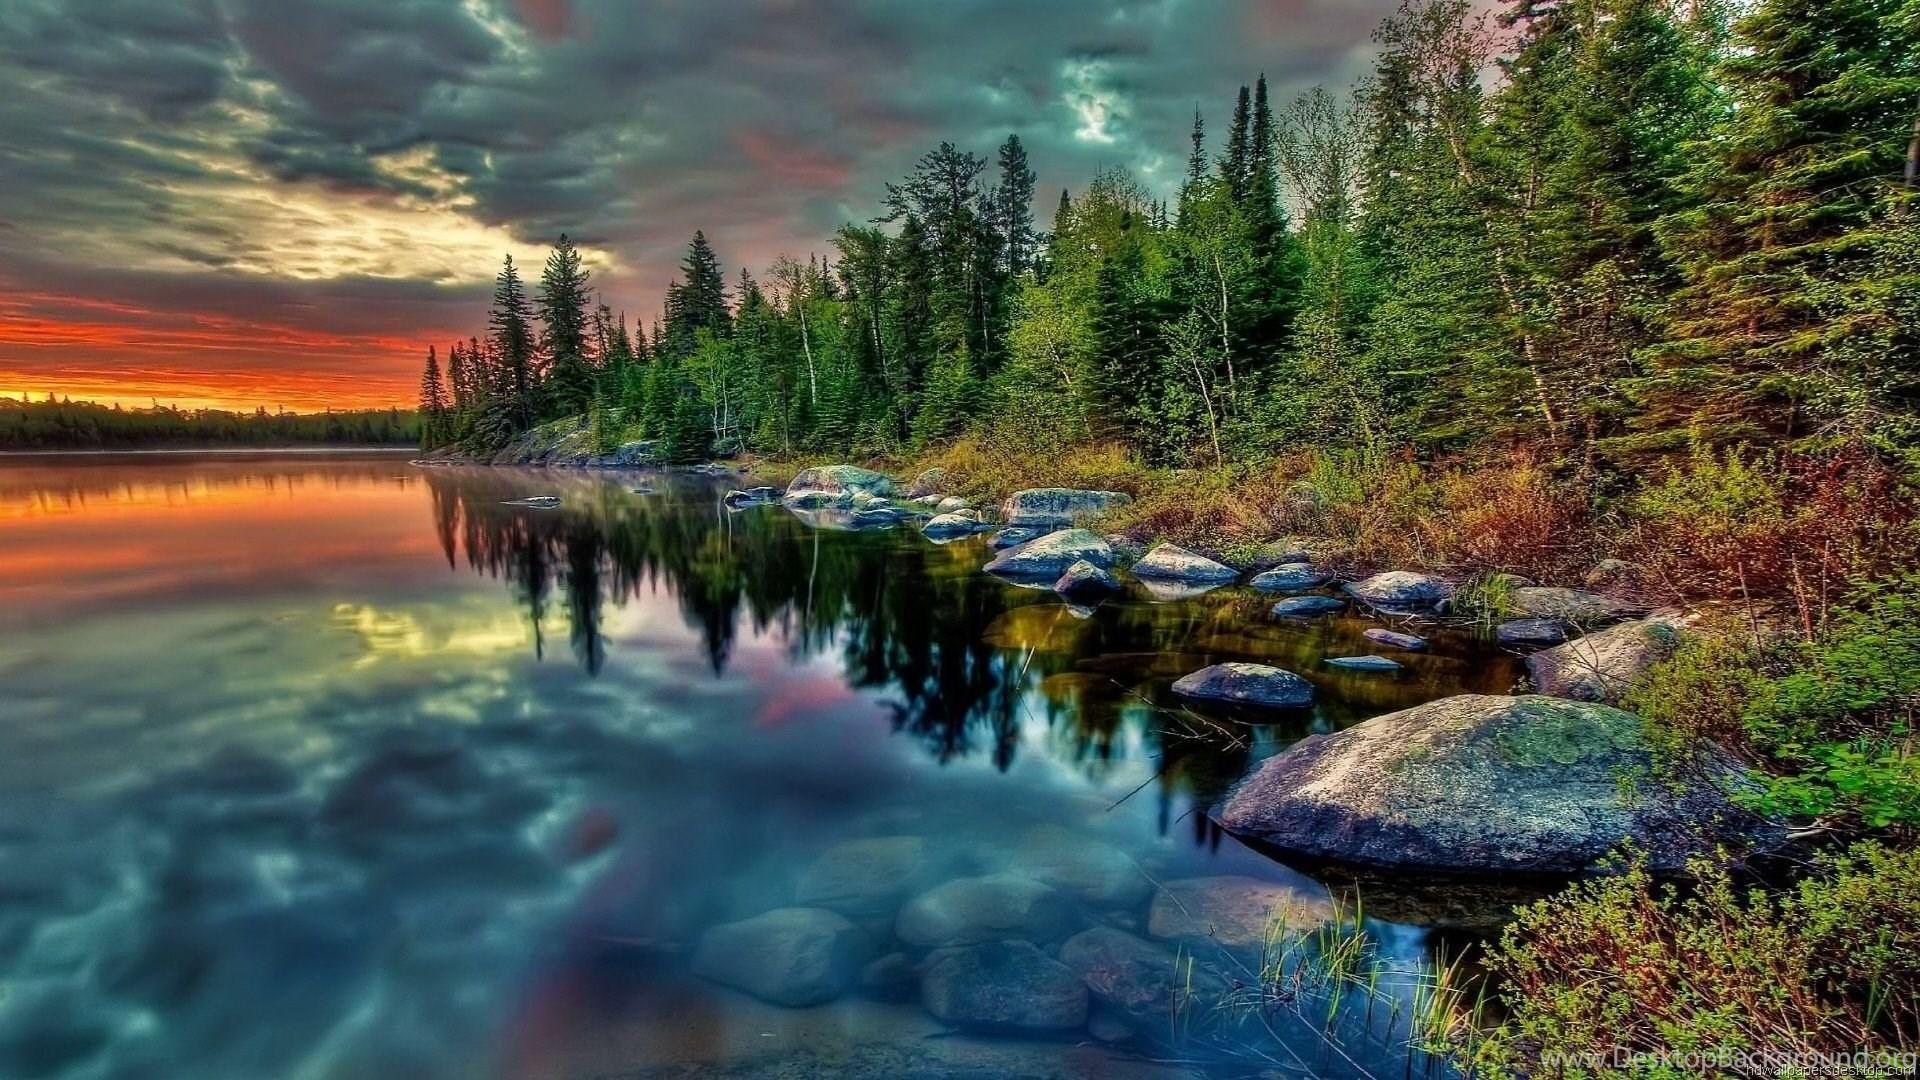 52 Nature Hd Wallpapers Nature Full Hd 1080p Wallpapers Desktop